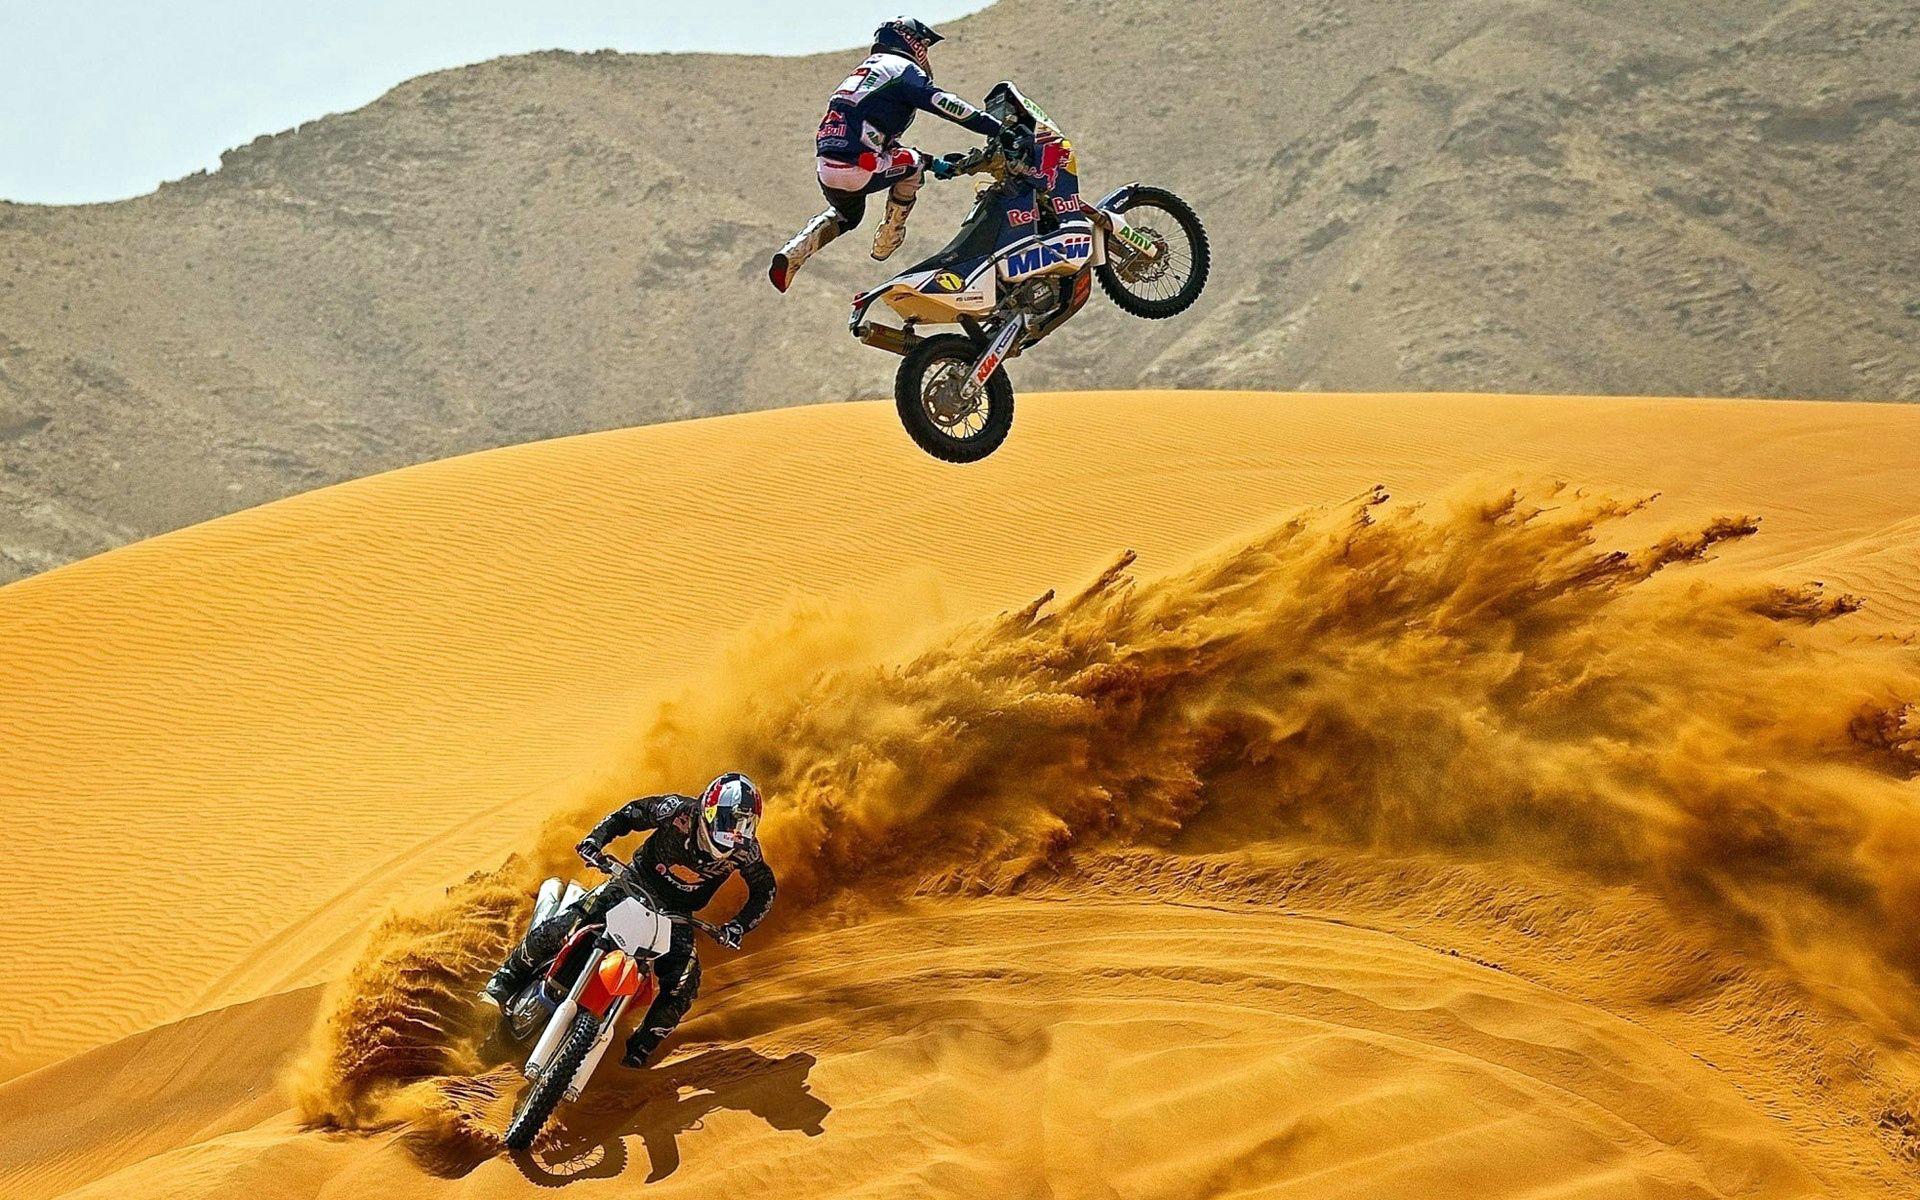 80369 Заставки и Обои Песок на телефон. Скачать Мотоциклы, Песок, Пустыня, Мотокросс, Кроссовые картинки бесплатно